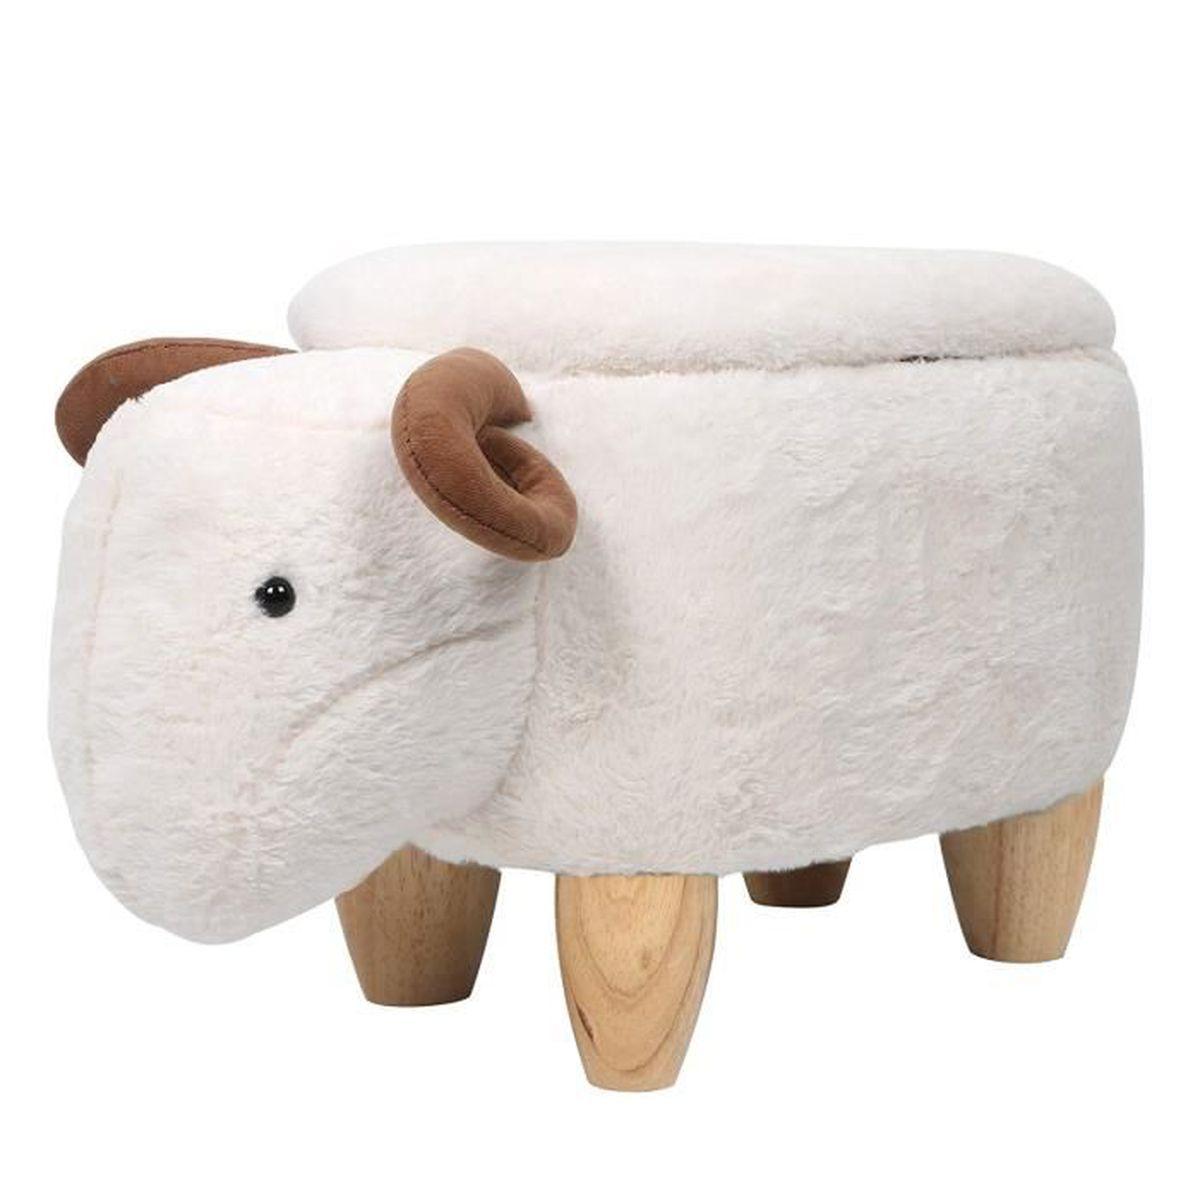 En Bois Heart Blanc Intimate Pour Animal Mouton Ottoman Pouf Coffre Iwmh De Enfants Tabouret Wm Rangement rQdCBexWoE